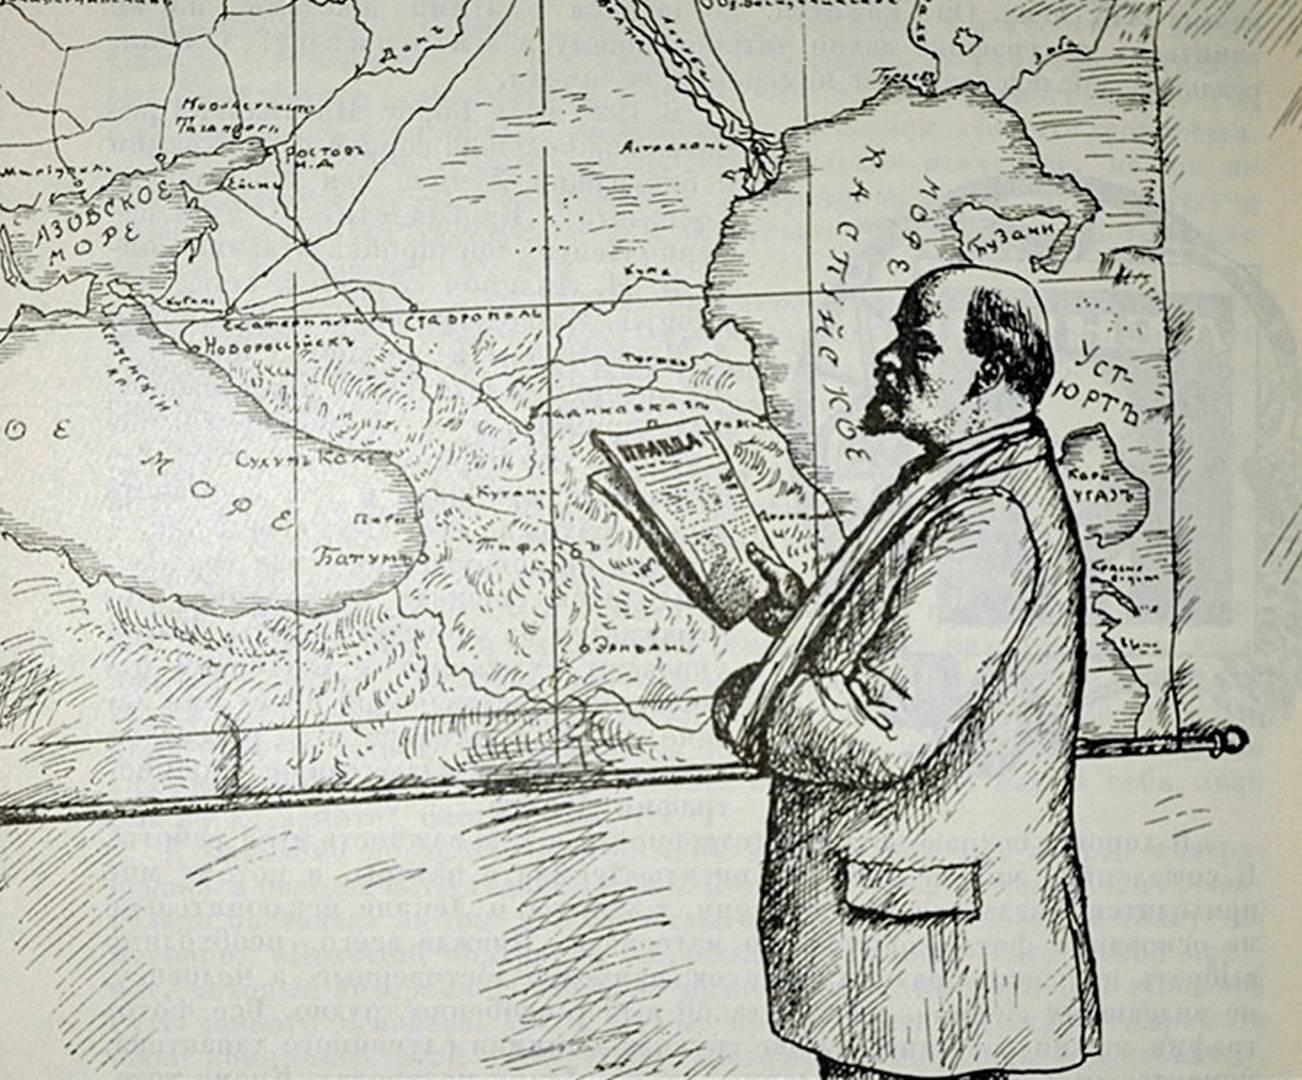 Борис Кустодиев. В. И. Ленин у карты. 1926